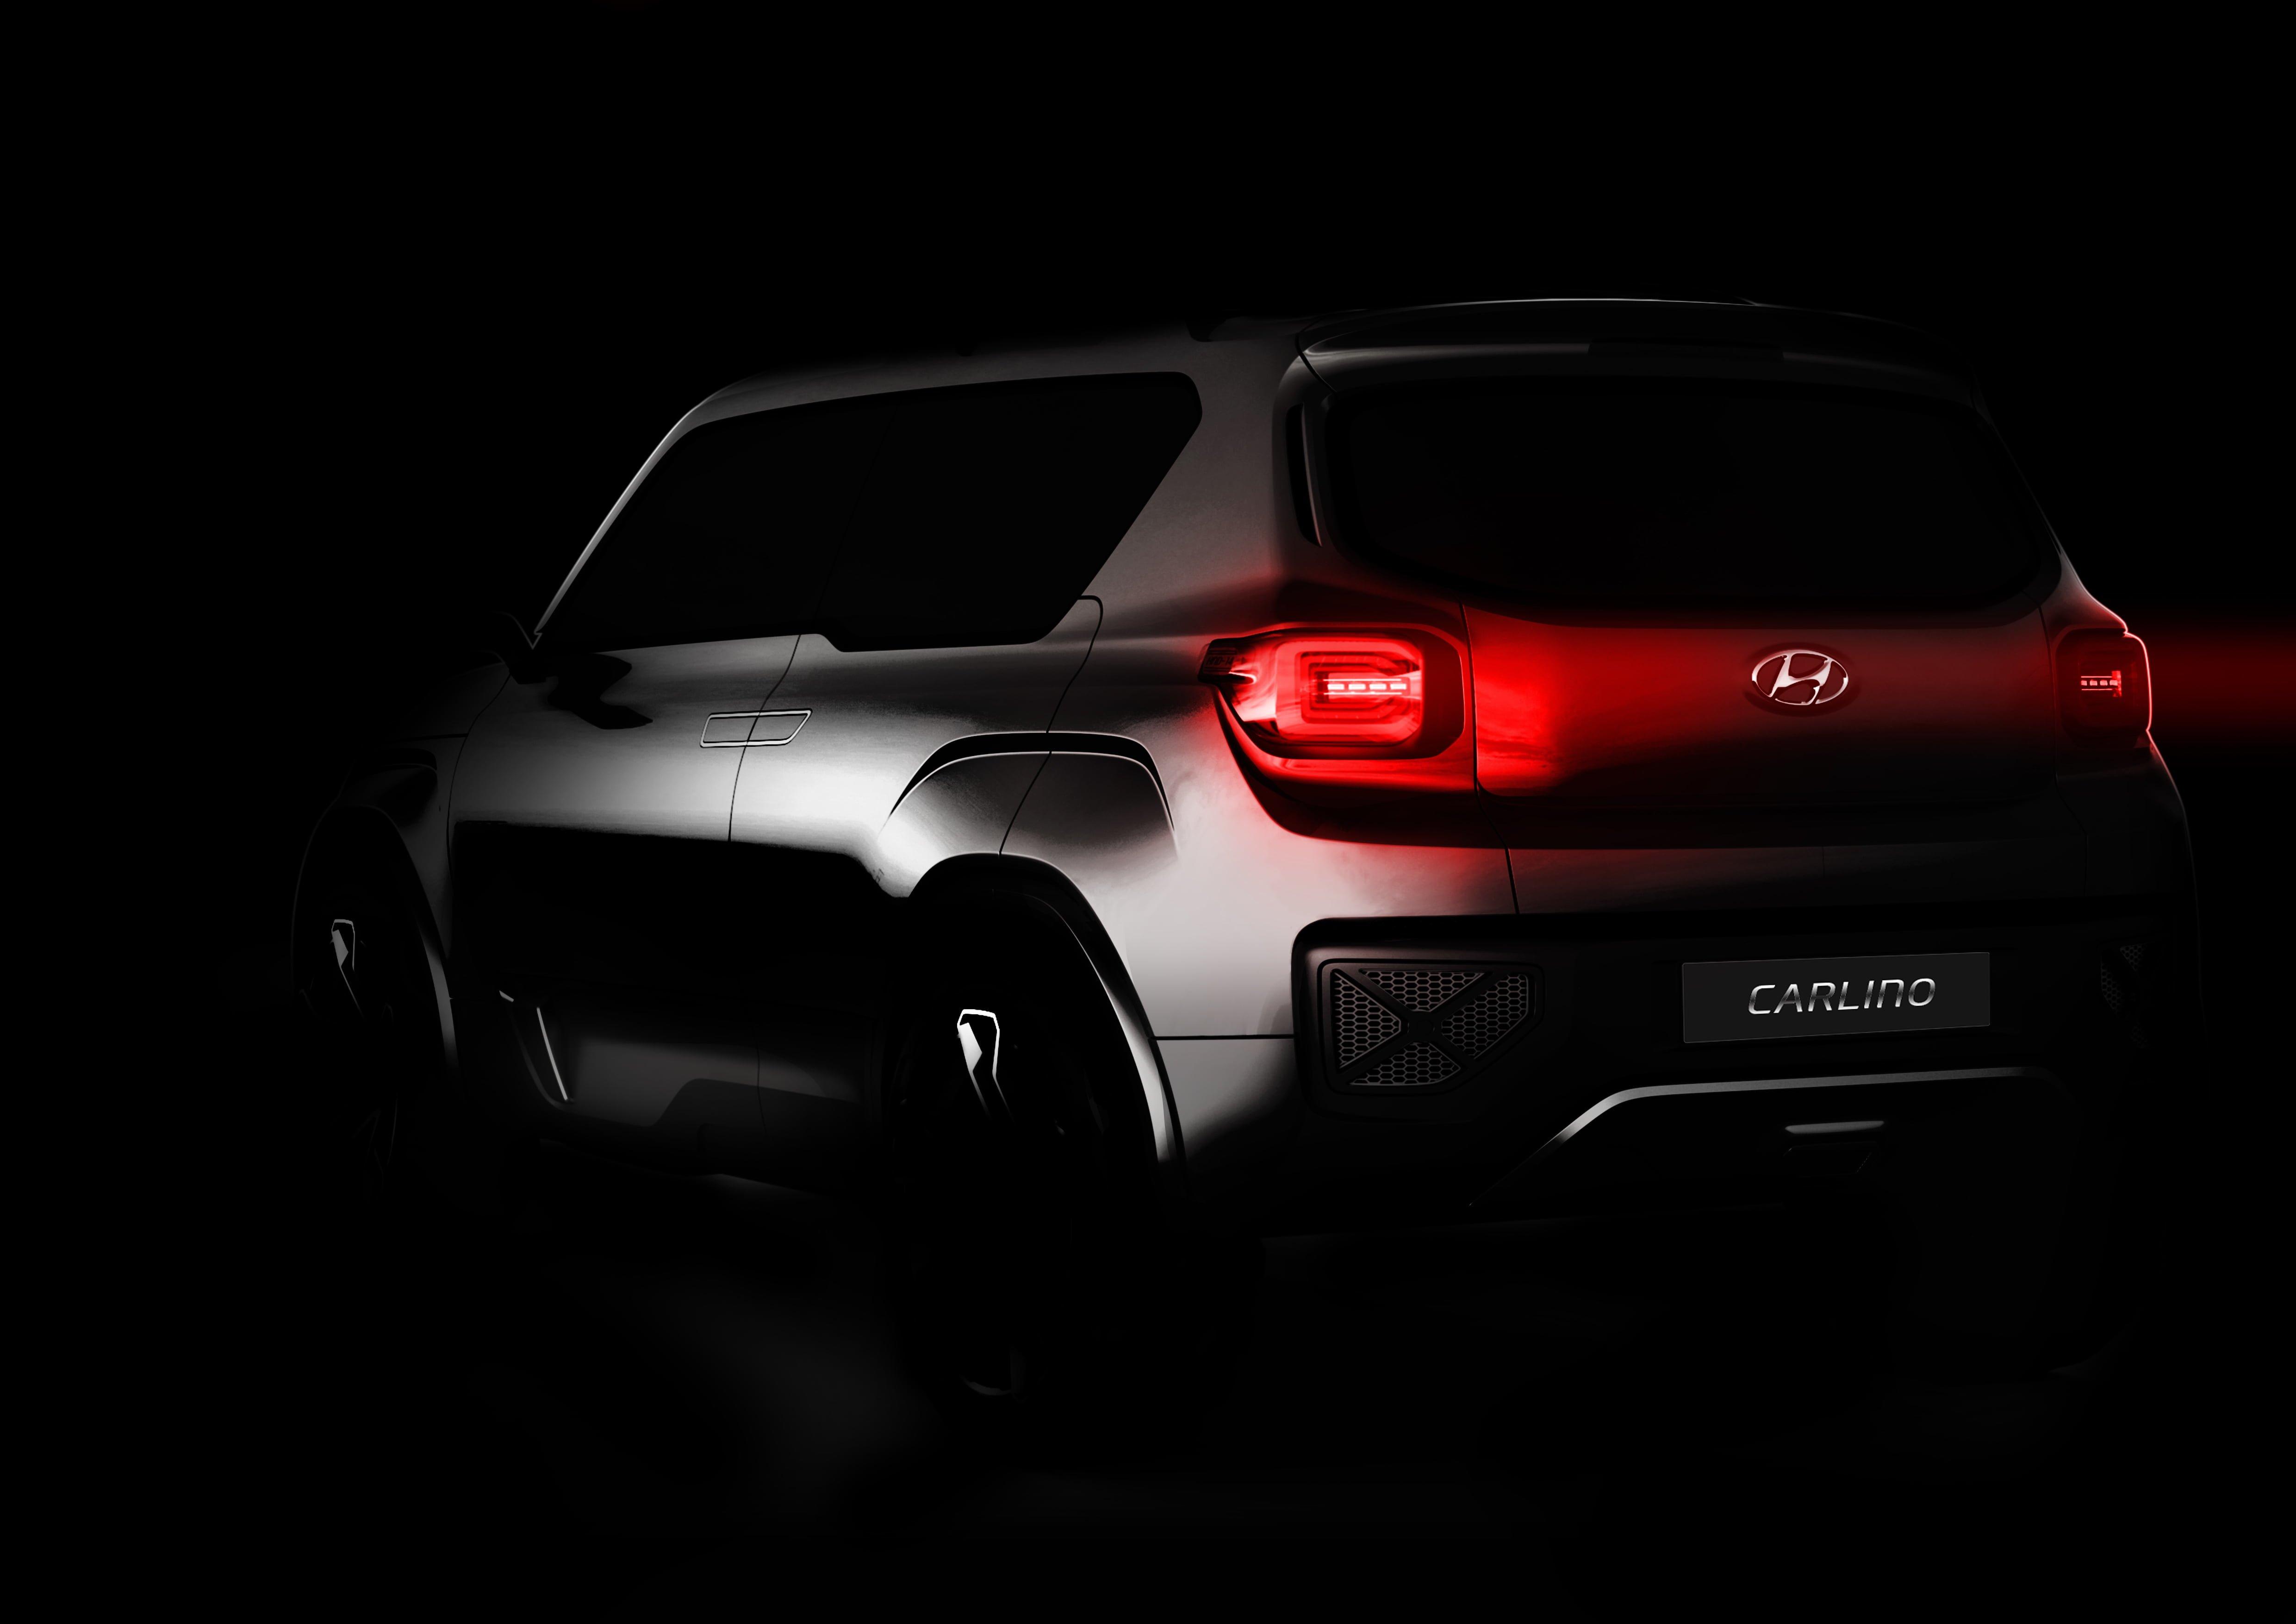 2018 hyundai cars.  2018 hyundai cars at auto expo 2018 compact suv intended